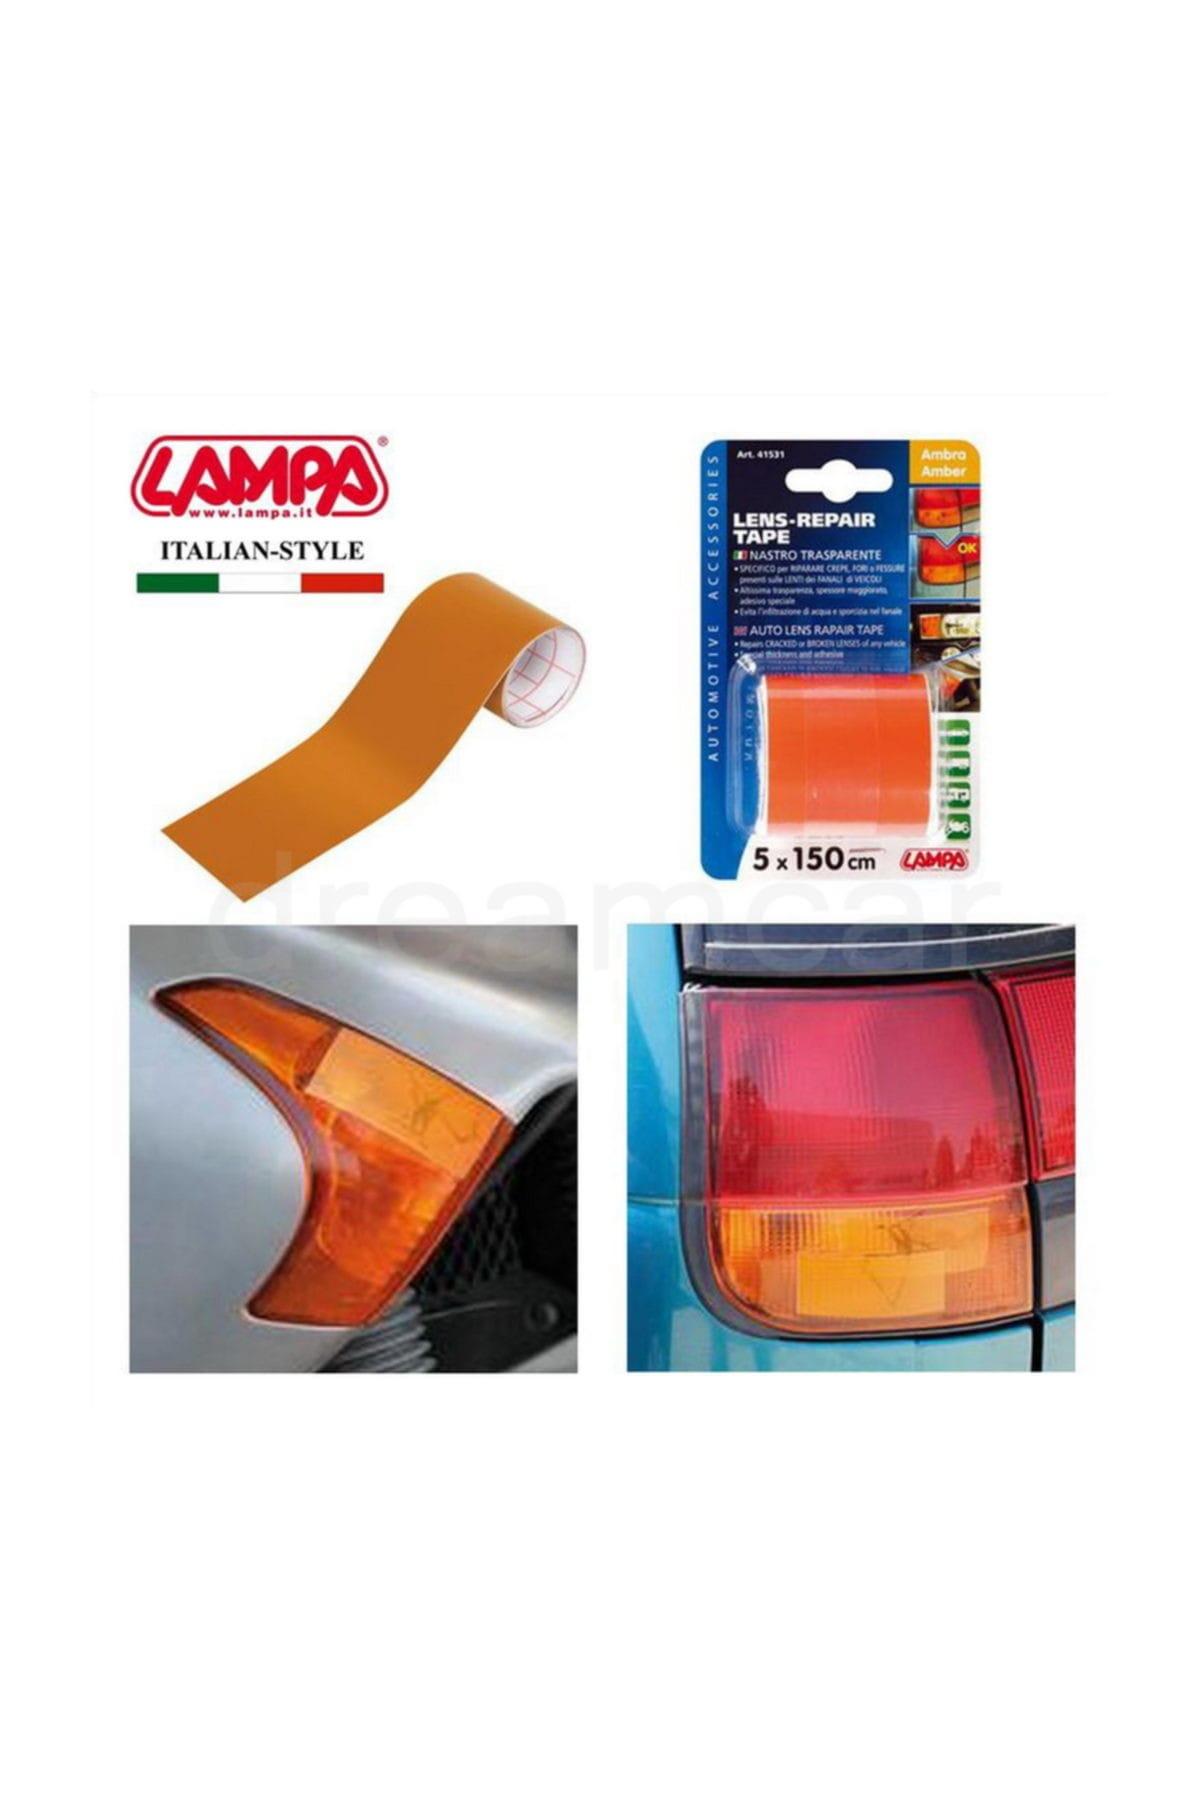 Lampa Sinyal, Stop Tamir Edici Transpan Bant 5x150cm 41531 1